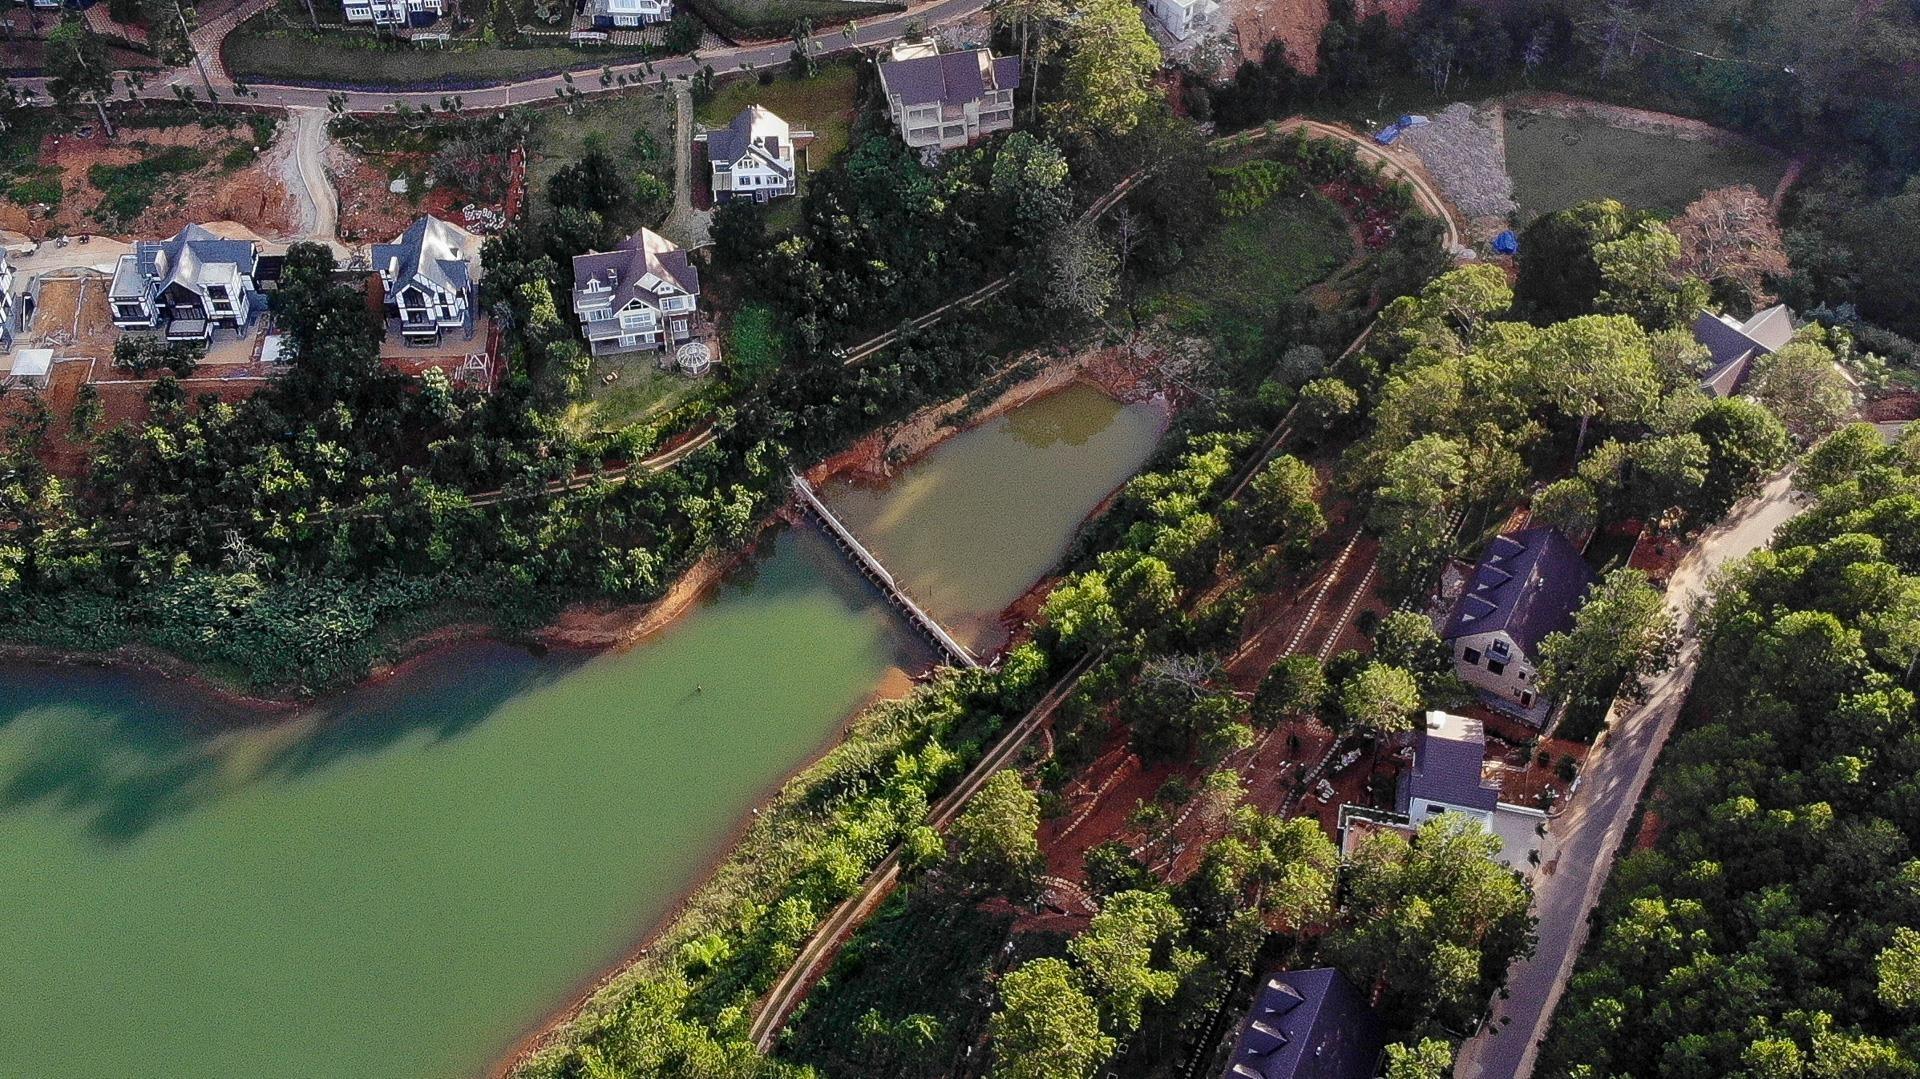 Nhiều dự án bất động sản sai phạm 'bao vây' hồ Tuyền Lâm ở Đà Lạt - Ảnh 8.